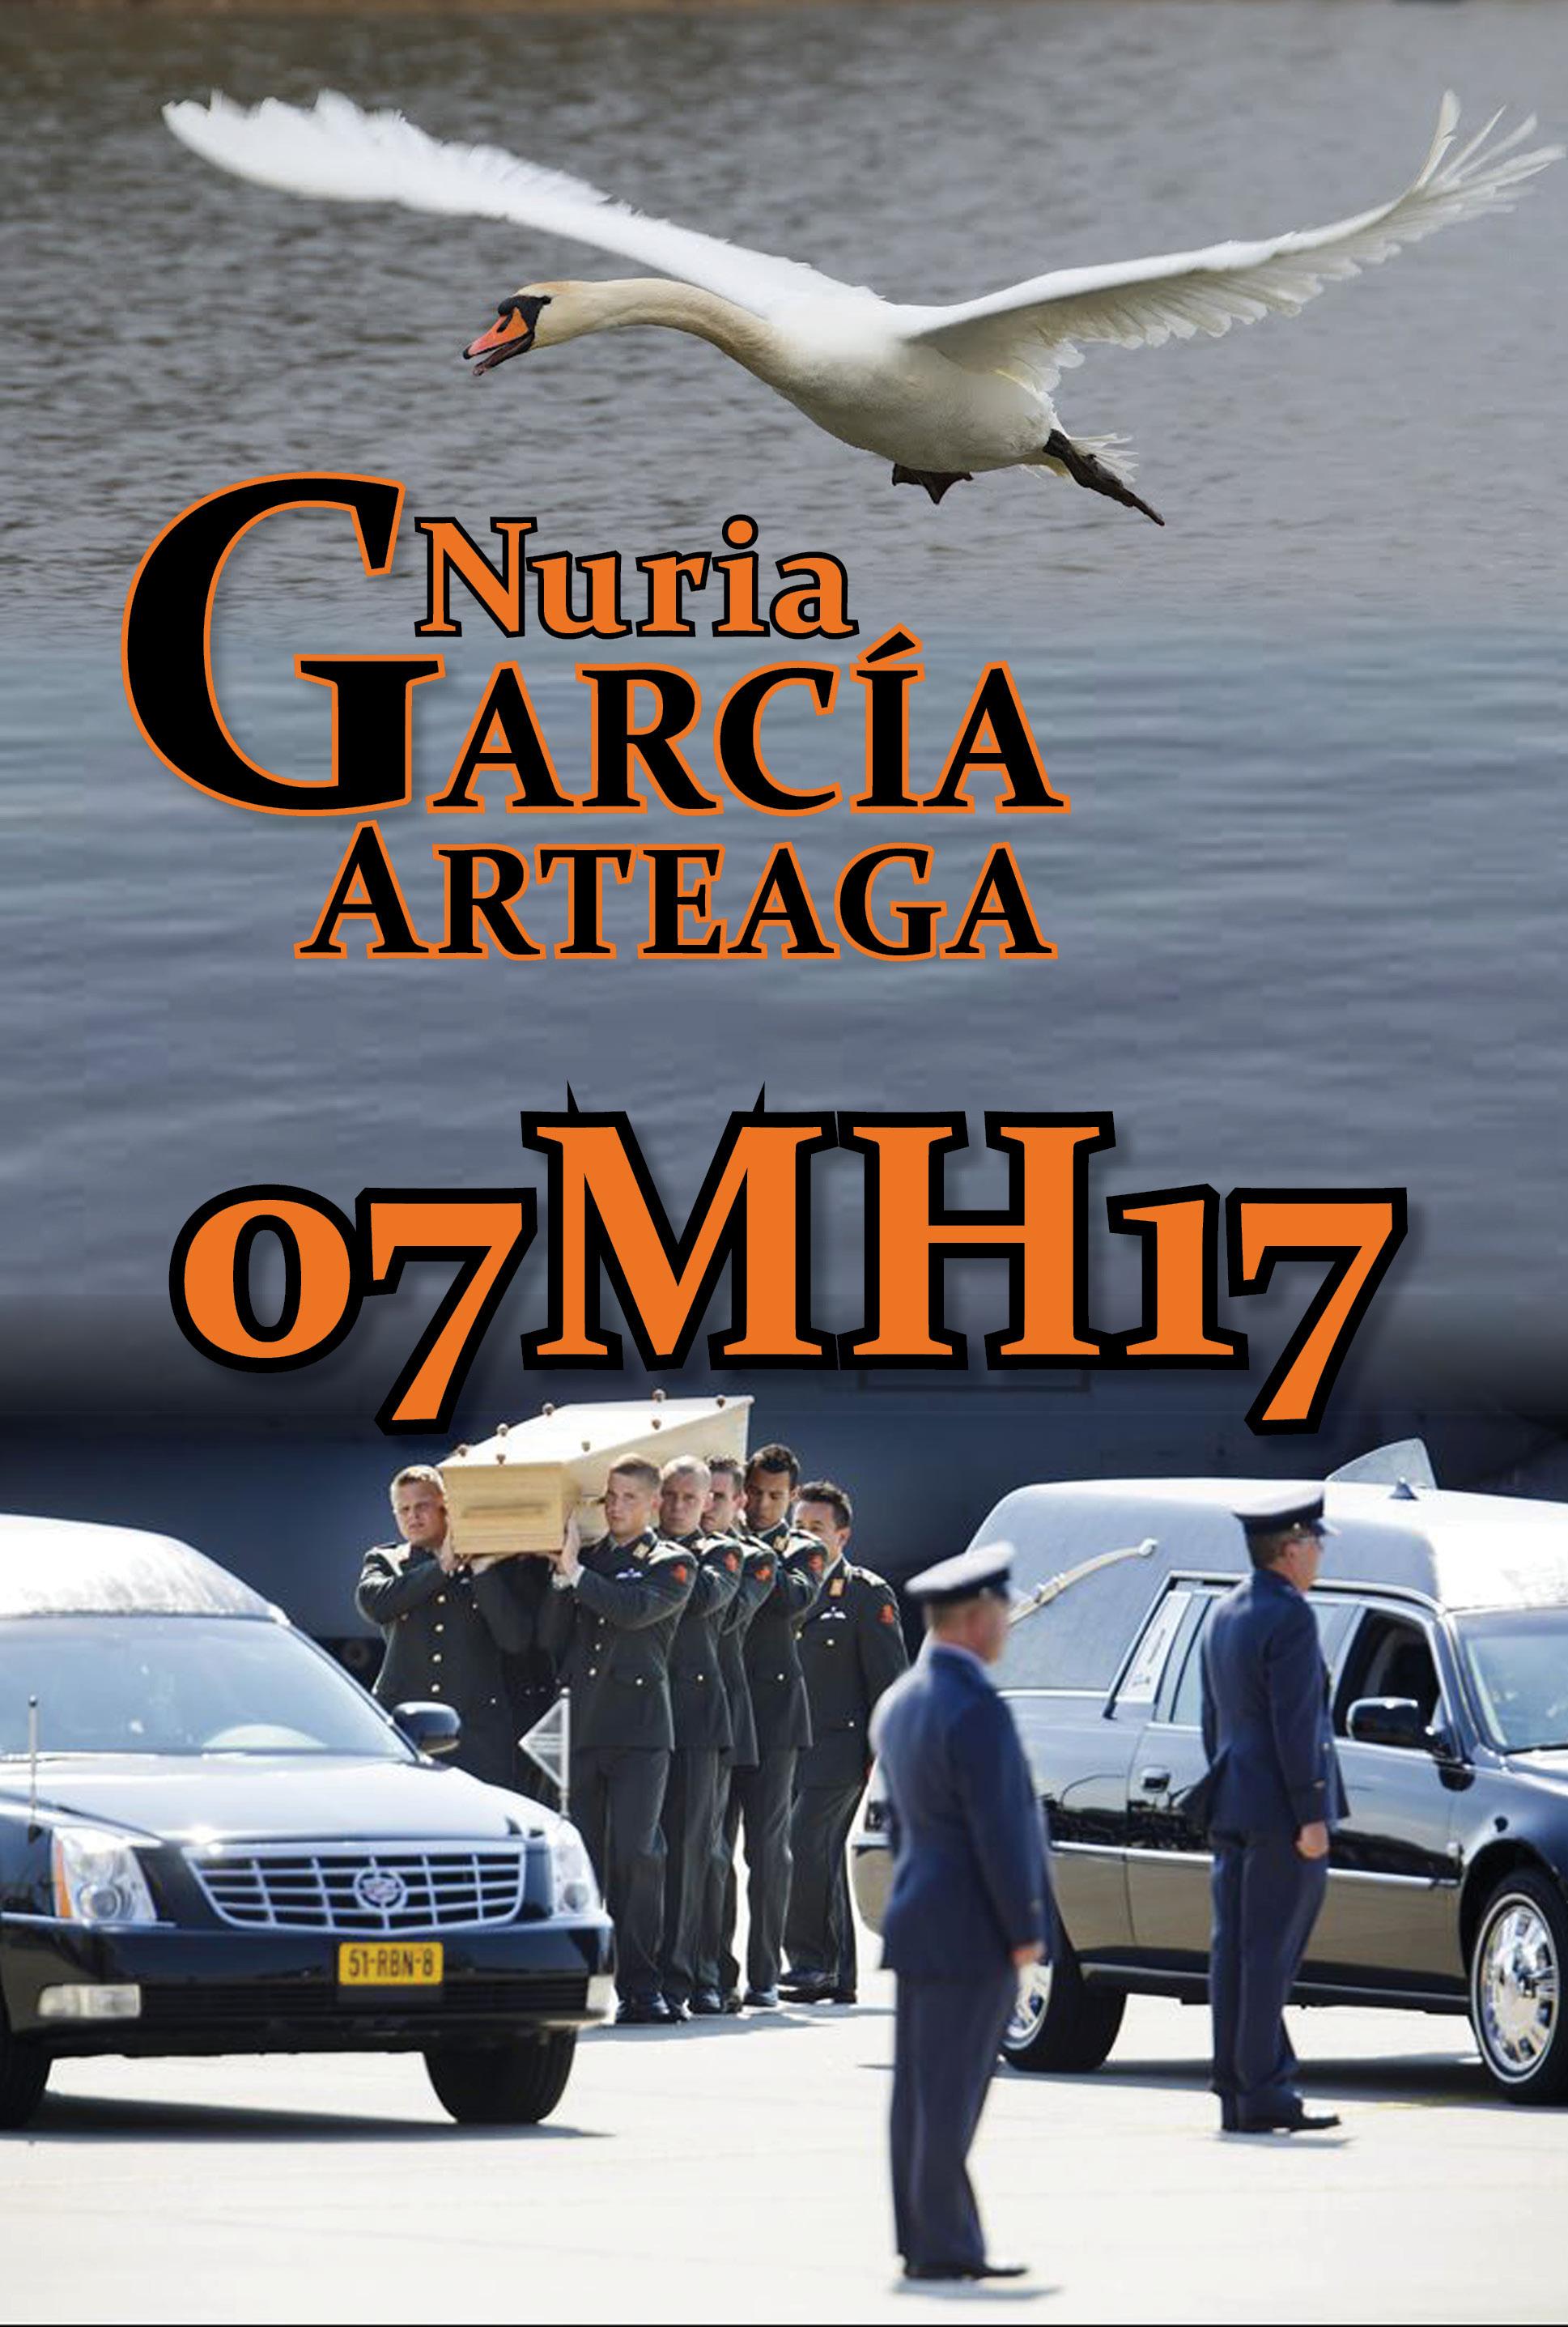 07MH17 Dutch version  by  Nuria Garcia Arteaga